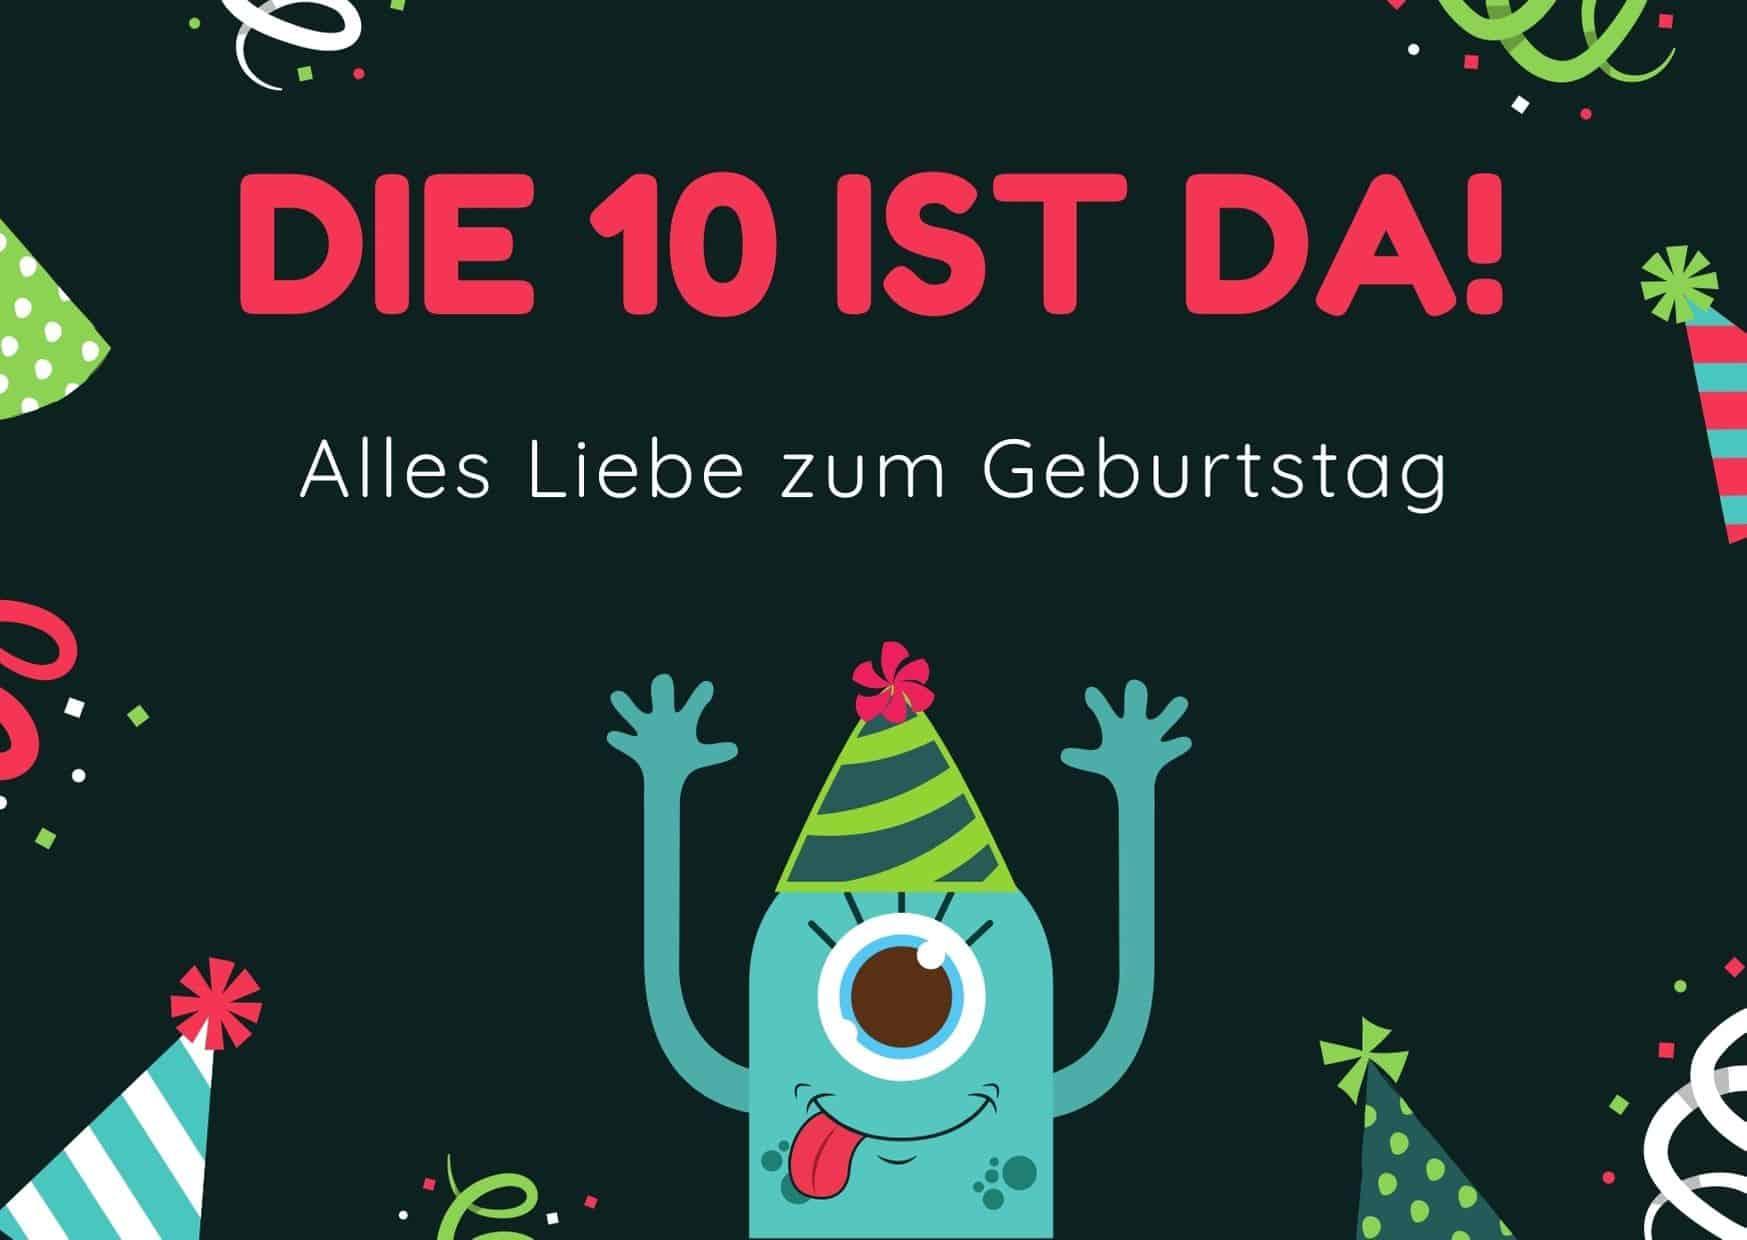 Glückwünsche zum 10. Geburtstag für das Patenkind